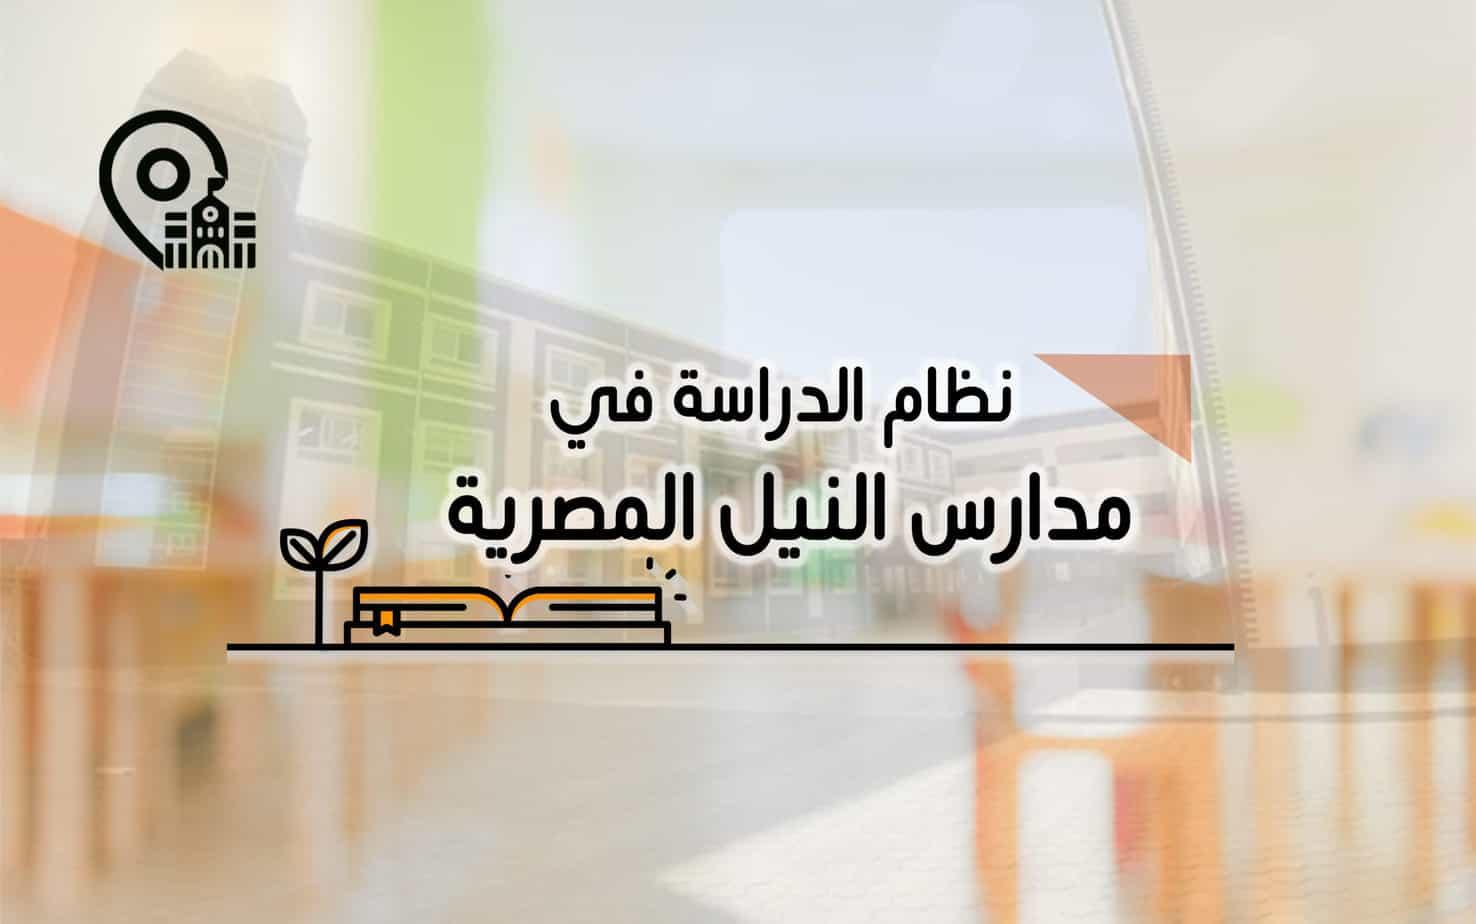 نظام الدراسة في مدارس النيل المصرية